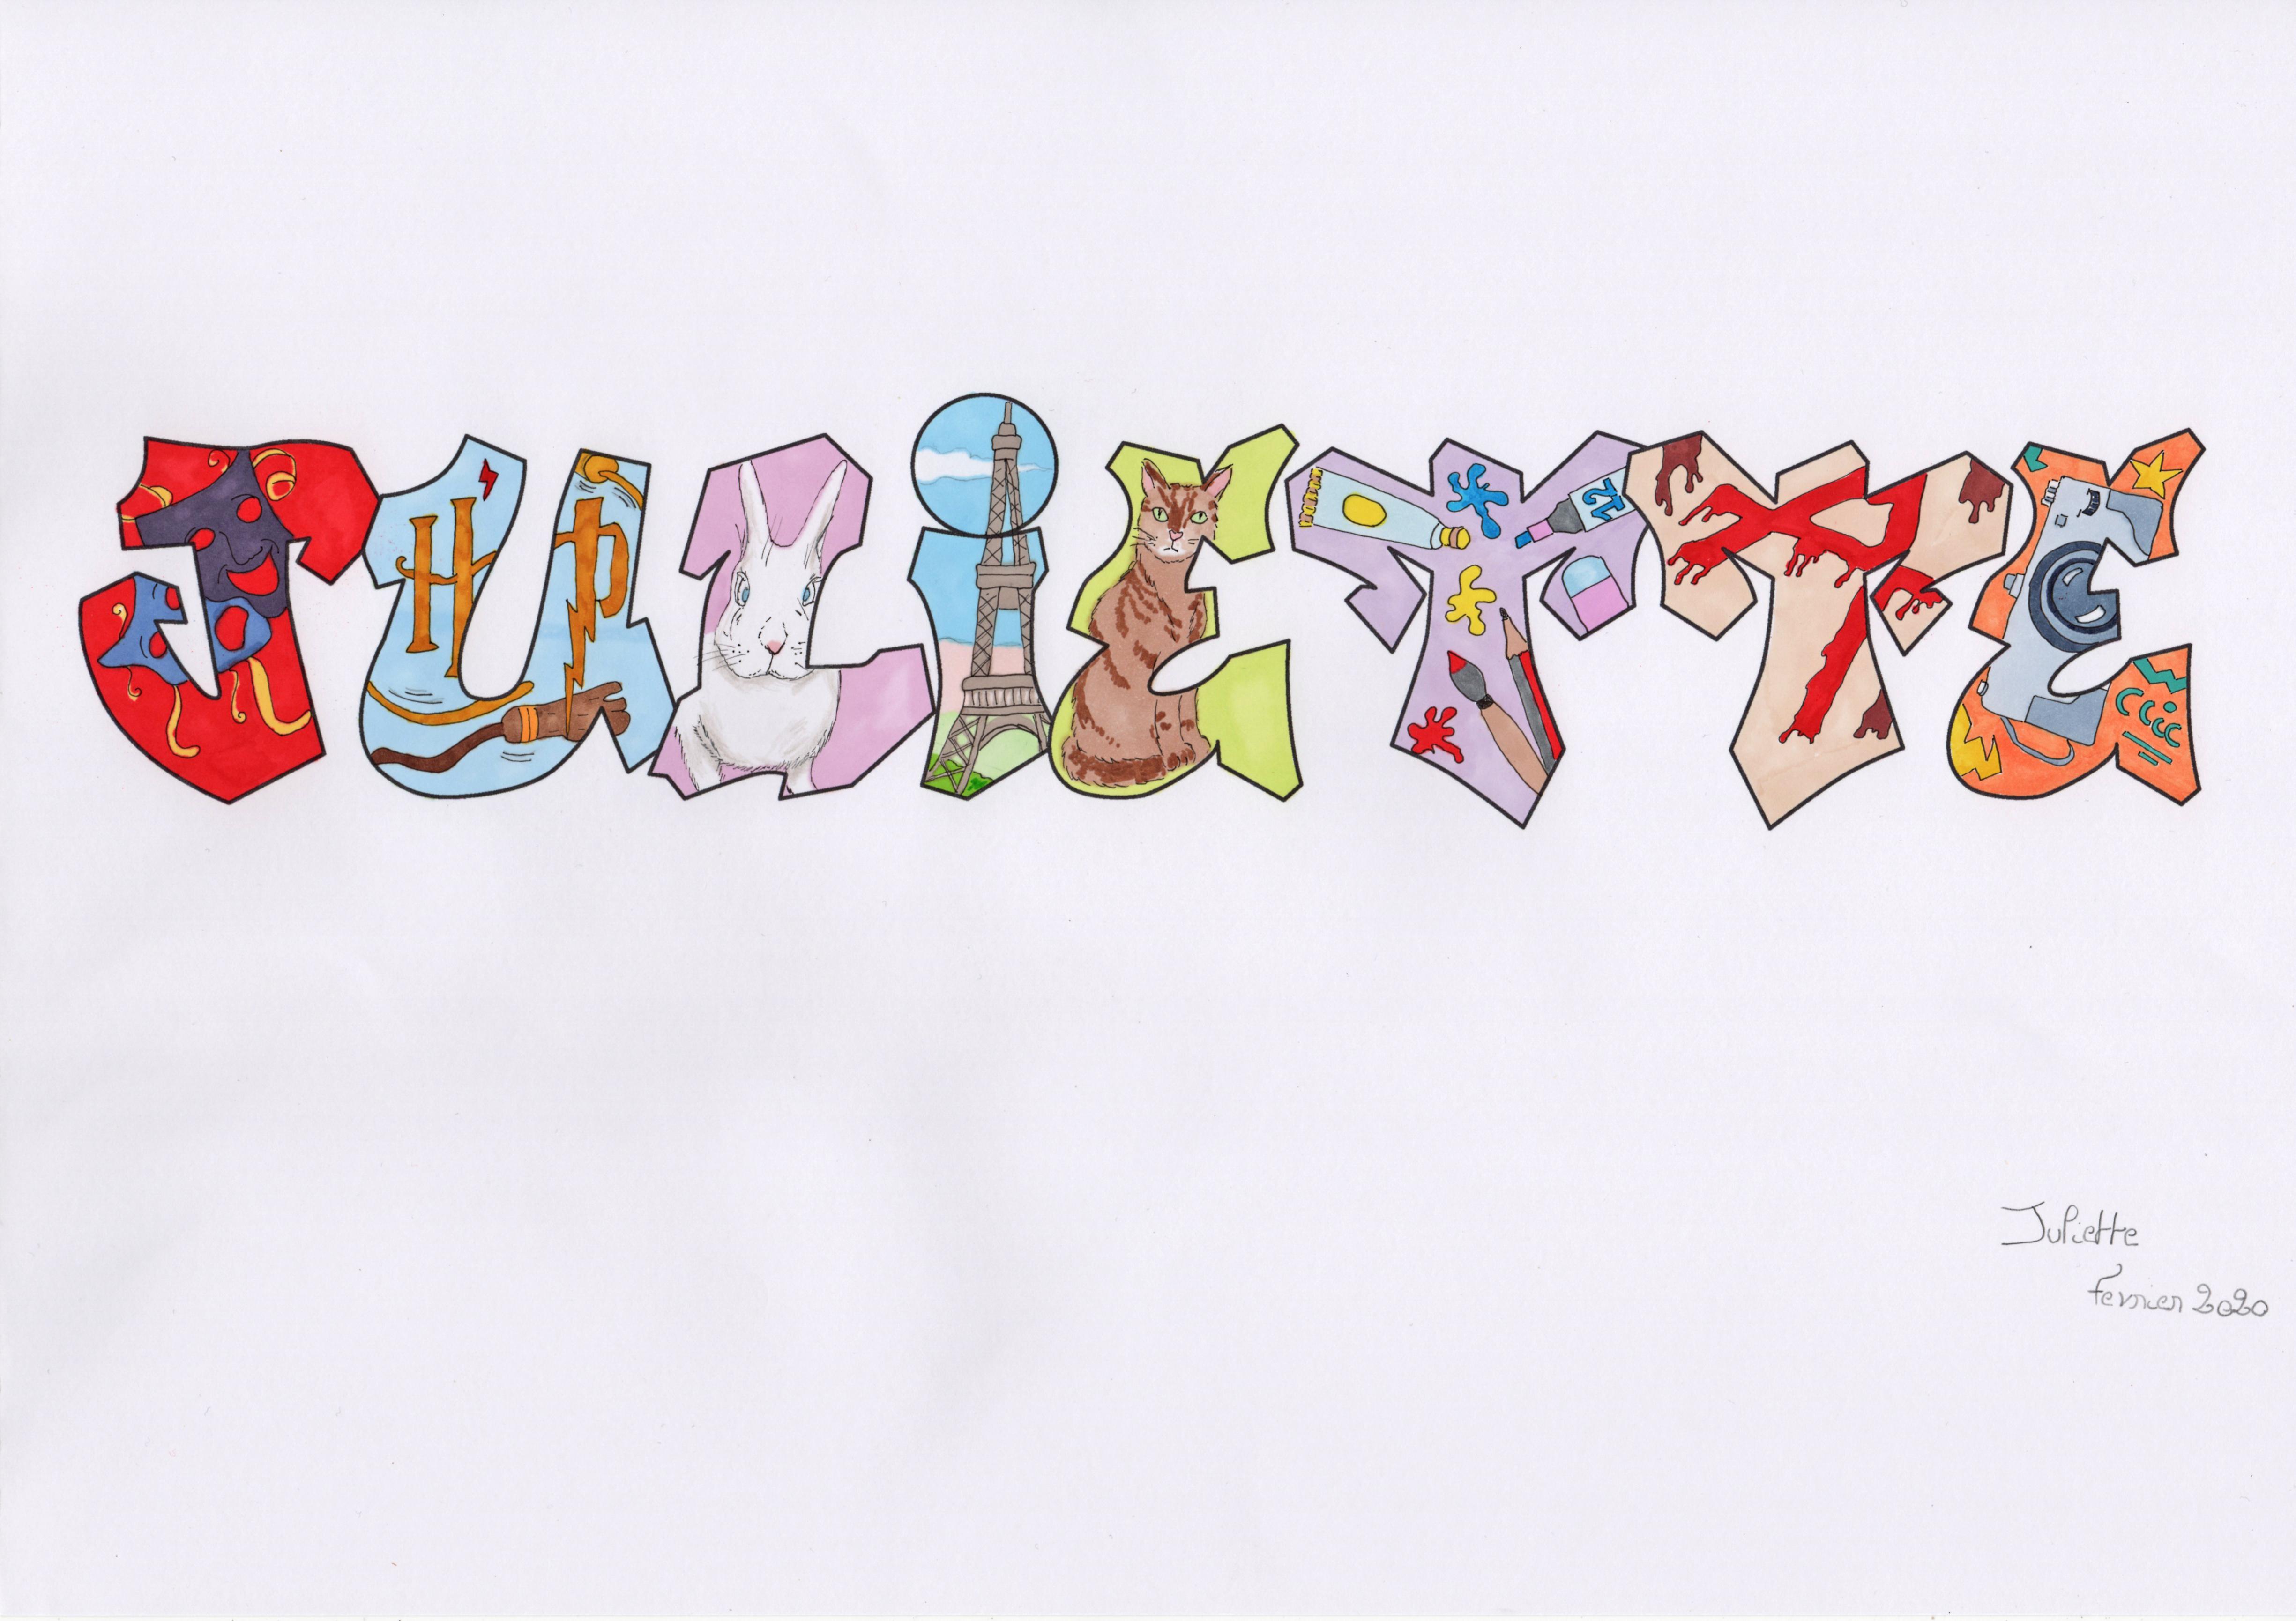 lettres graph